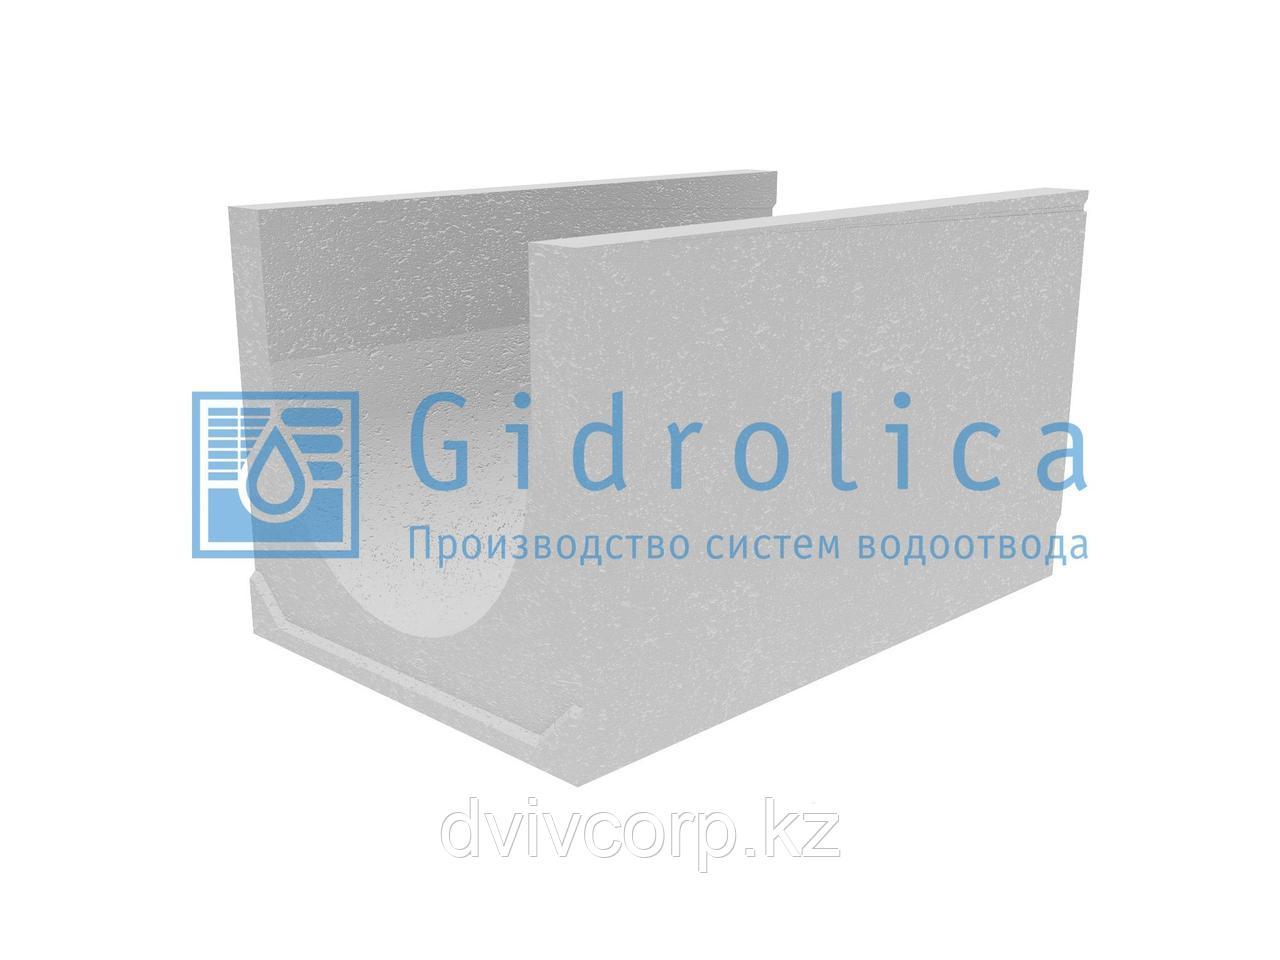 Лоток водоотводный бетонный коробчатый (СО-500мм), с уклоном 0,5%  КUу 100.65(50).59,5(50,5) - BGU-XL, № 29